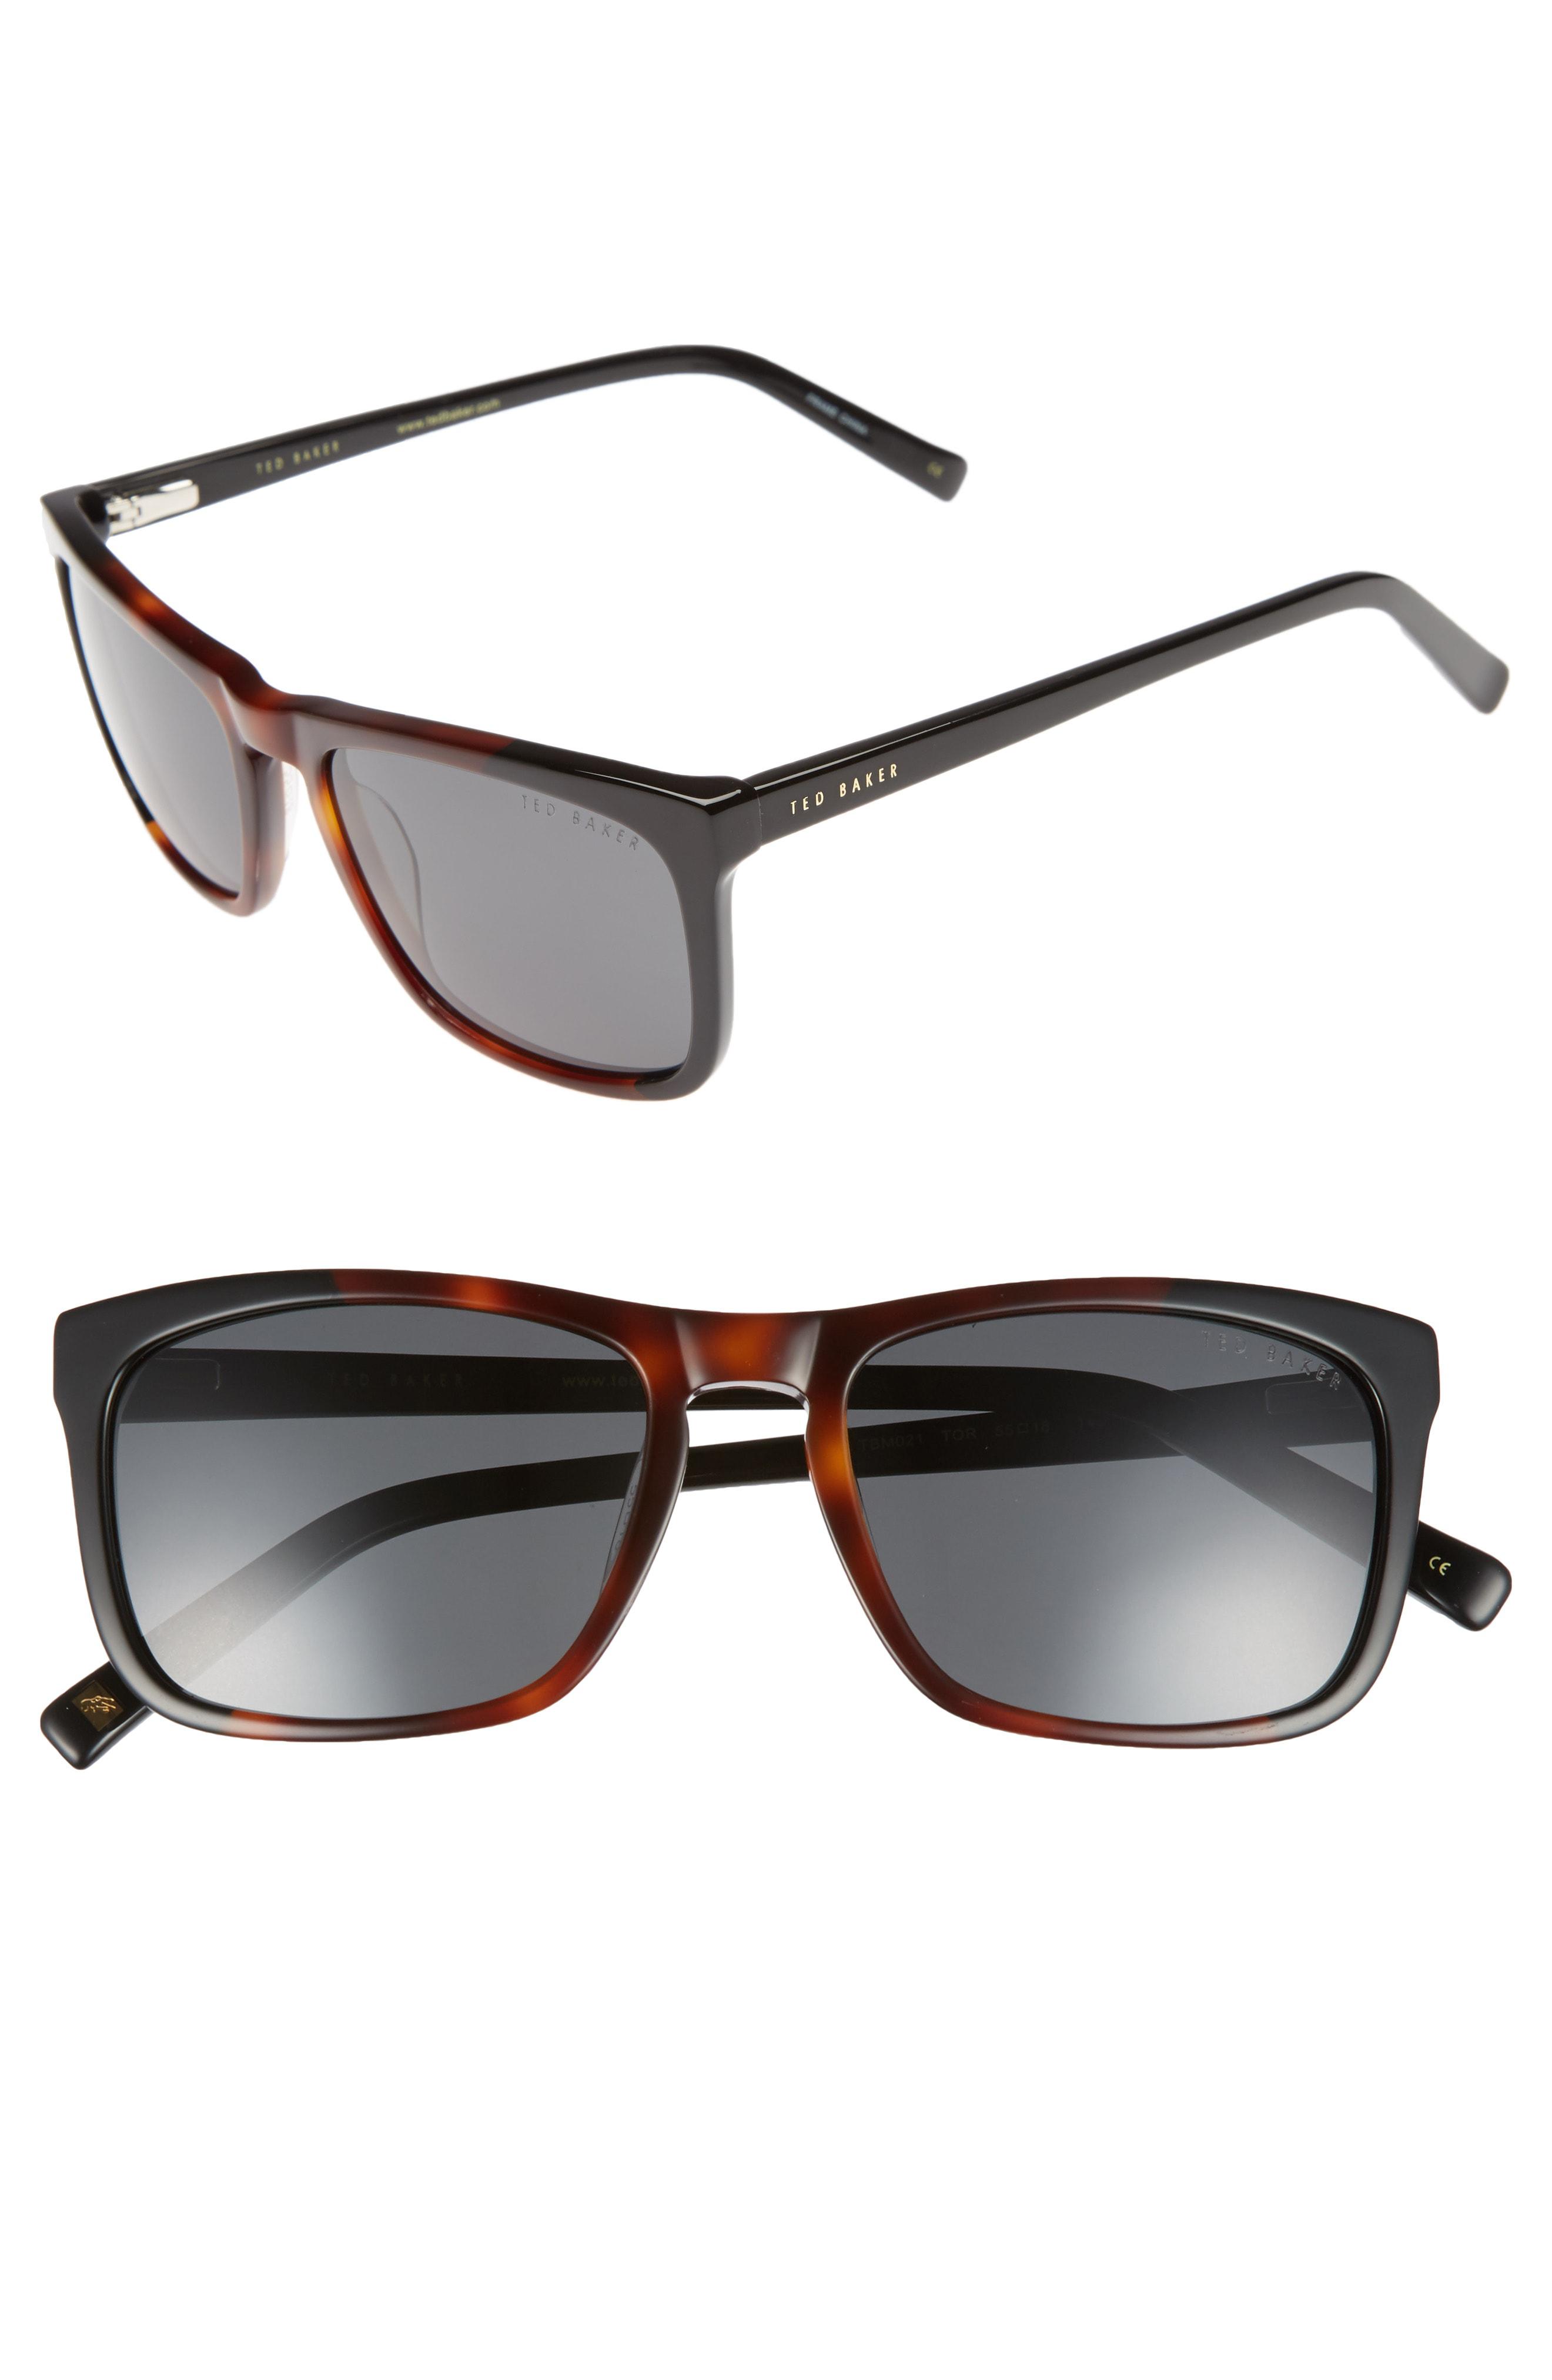 46f34e70d4 Ted Baker 55Mm Polarized Sunglasses - Tortoise